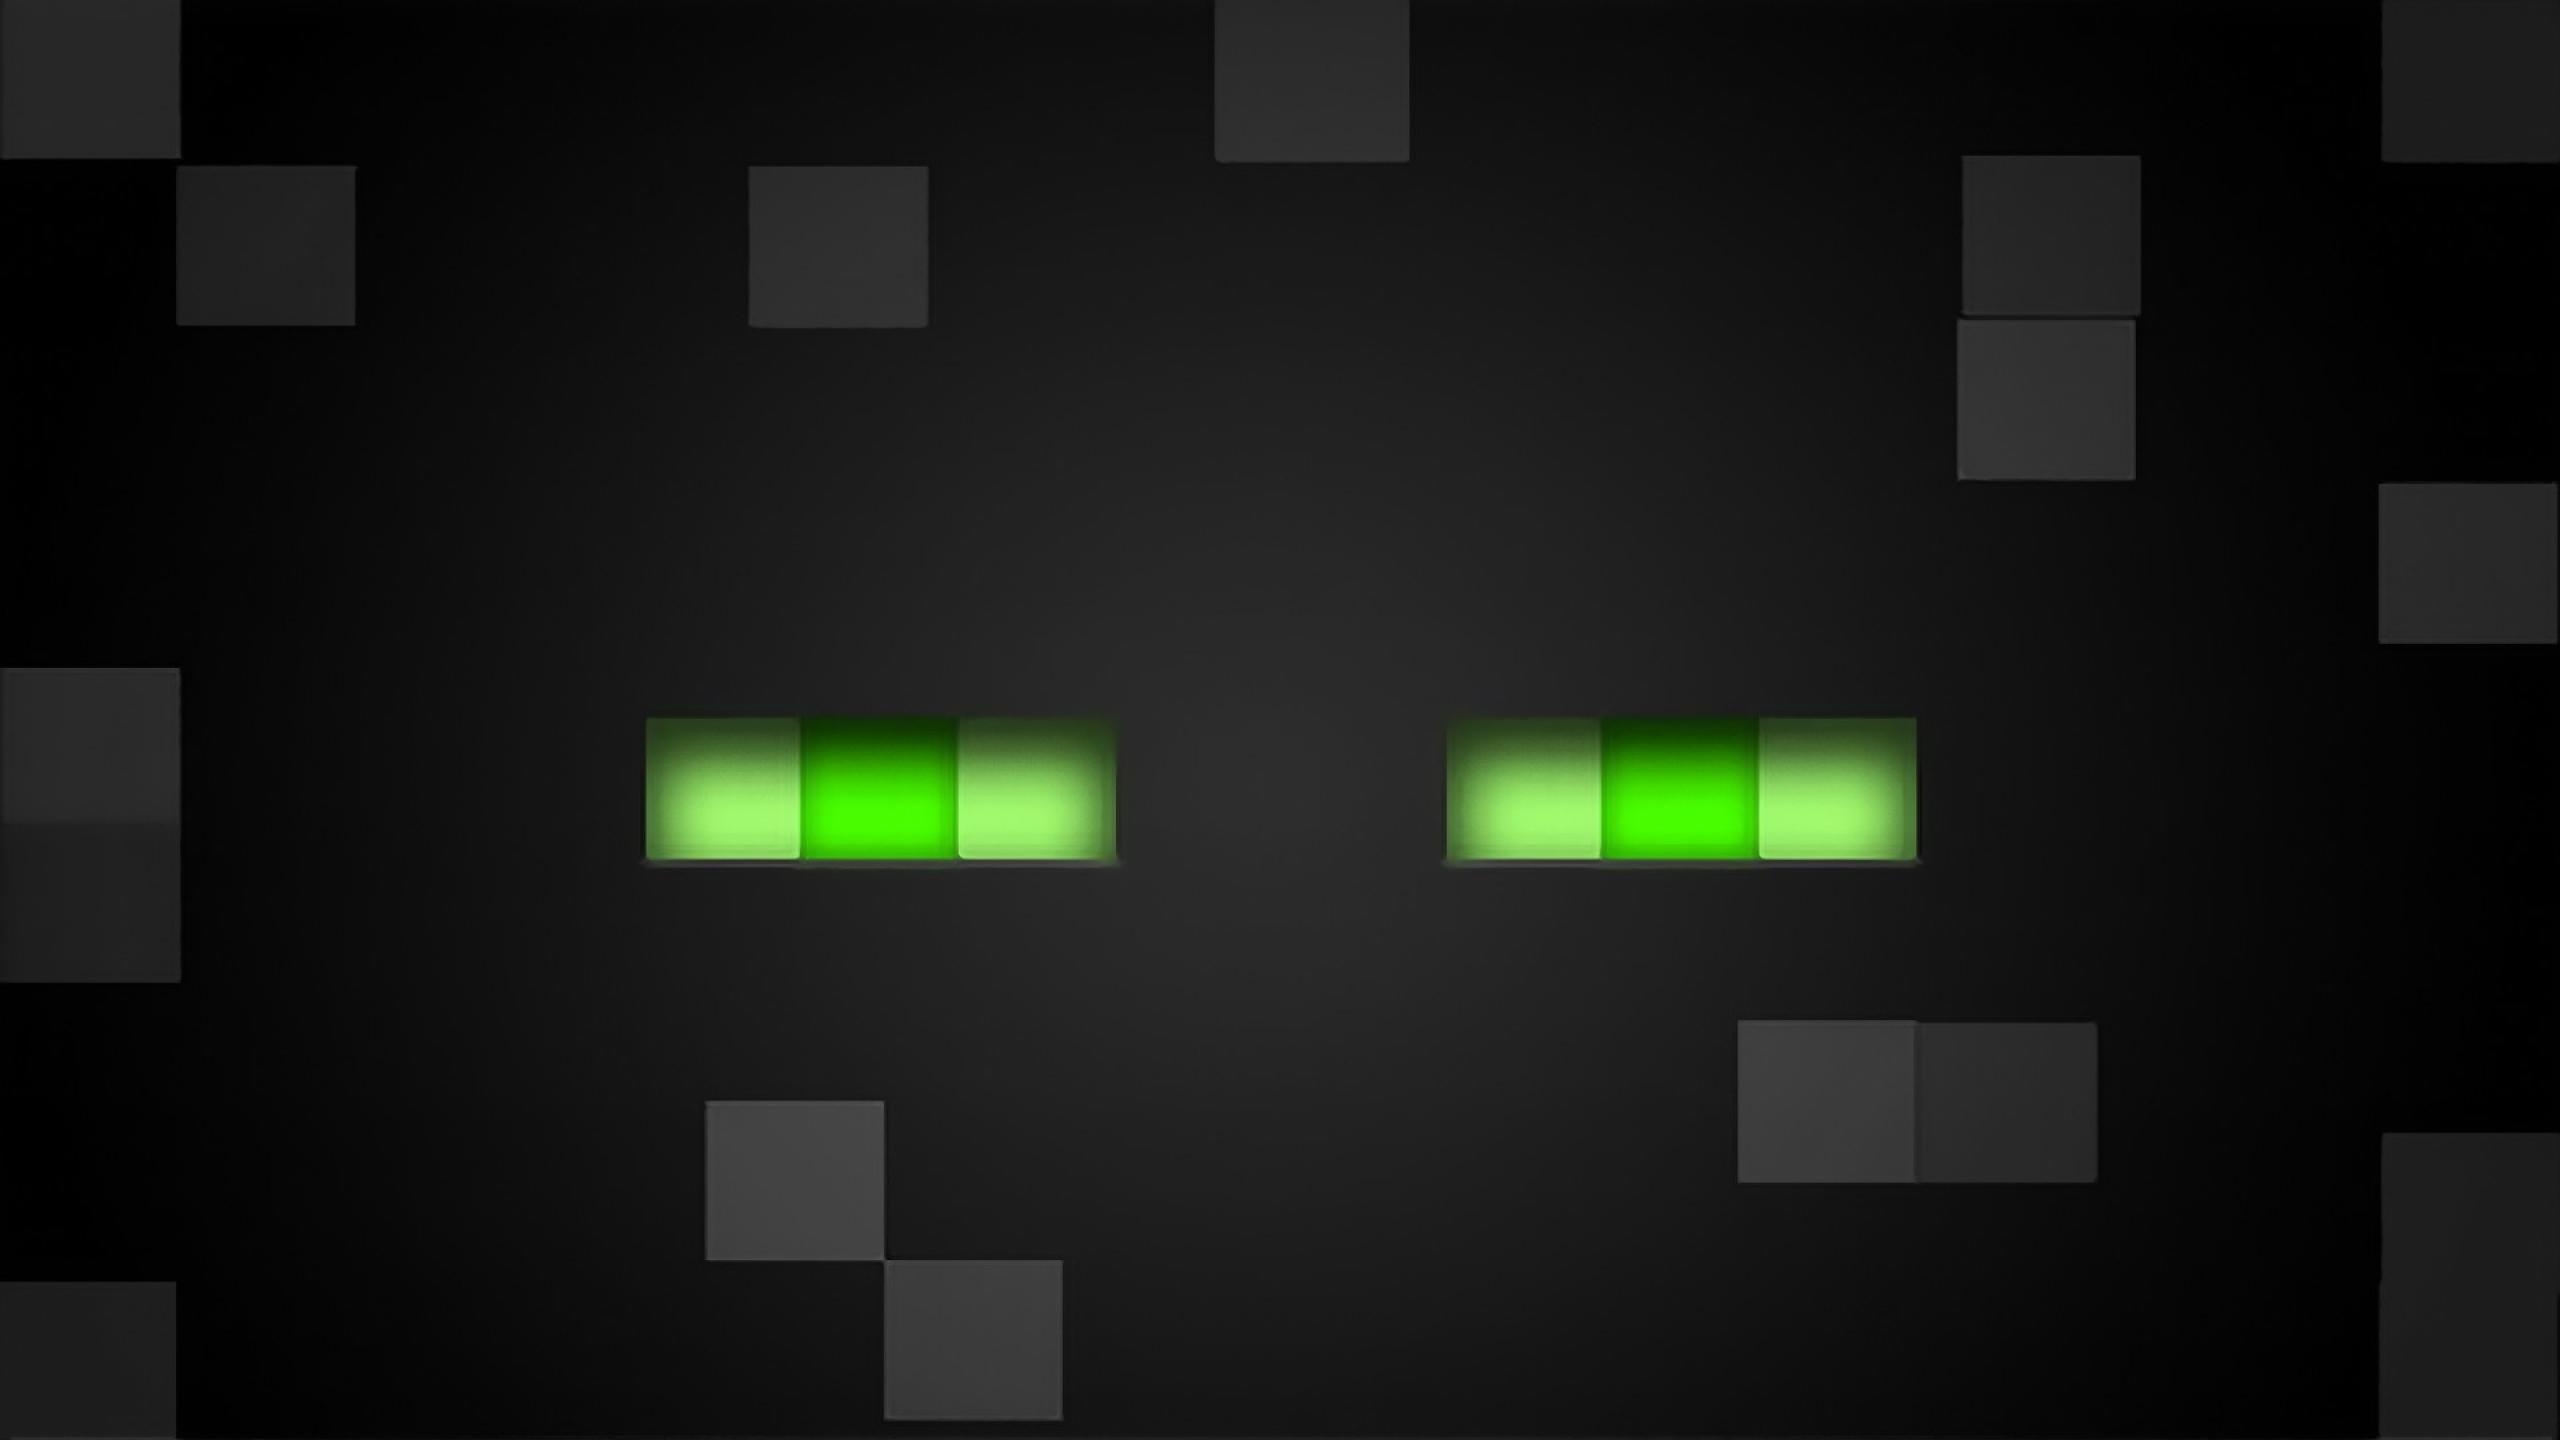 Free Download Minecraft Fond Dcran Minecraft 2560x1440 For